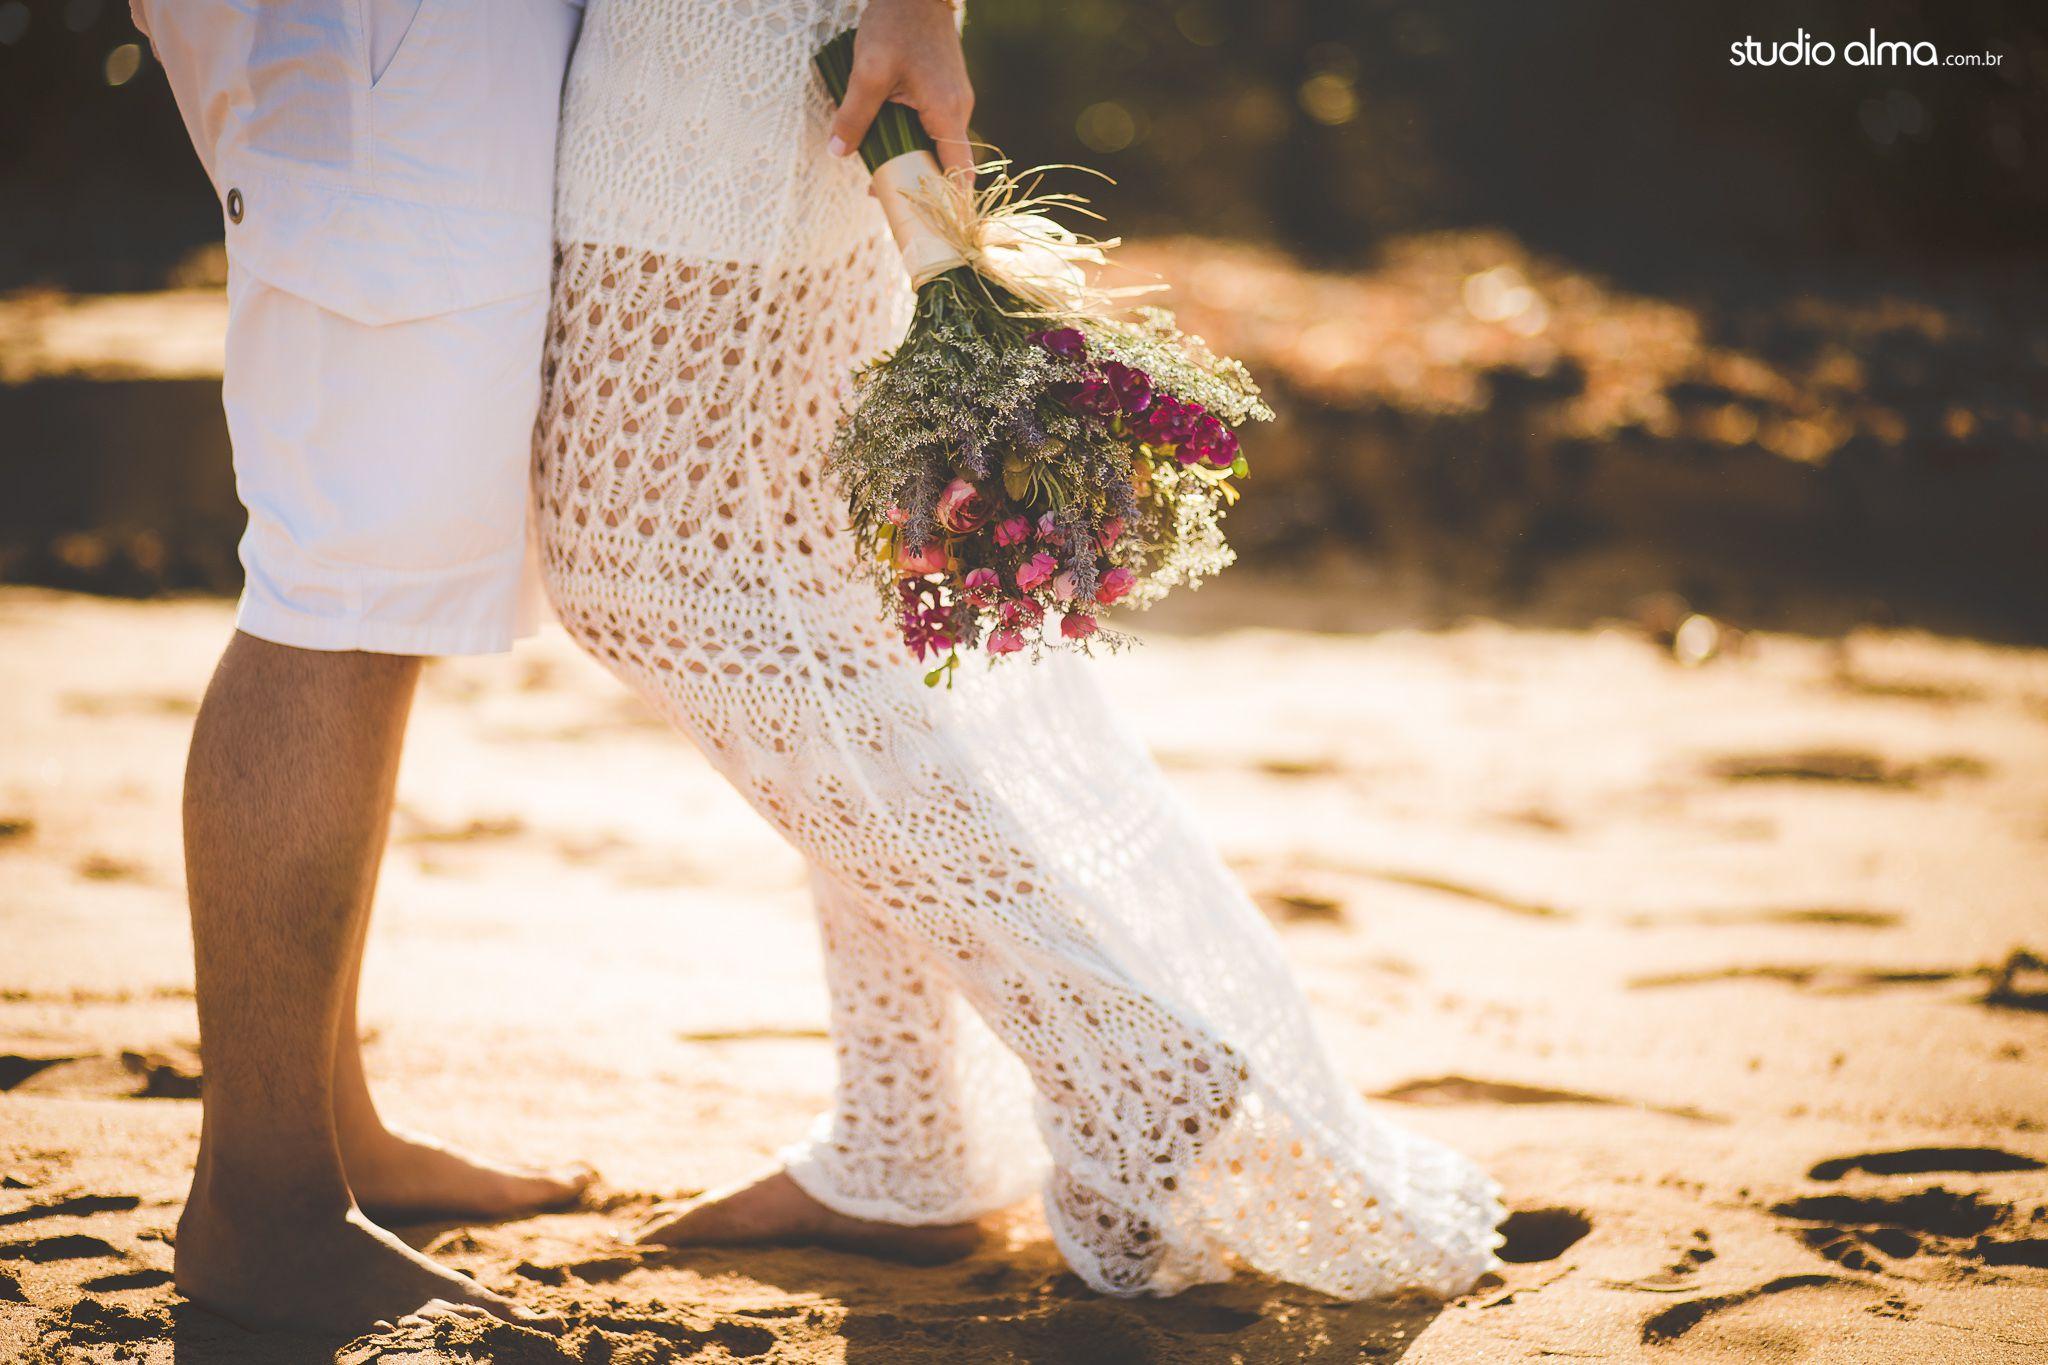 Letícia-André-E-Session-25 Romance e Felicidade - Letícia e André | ensaio pré-wedding